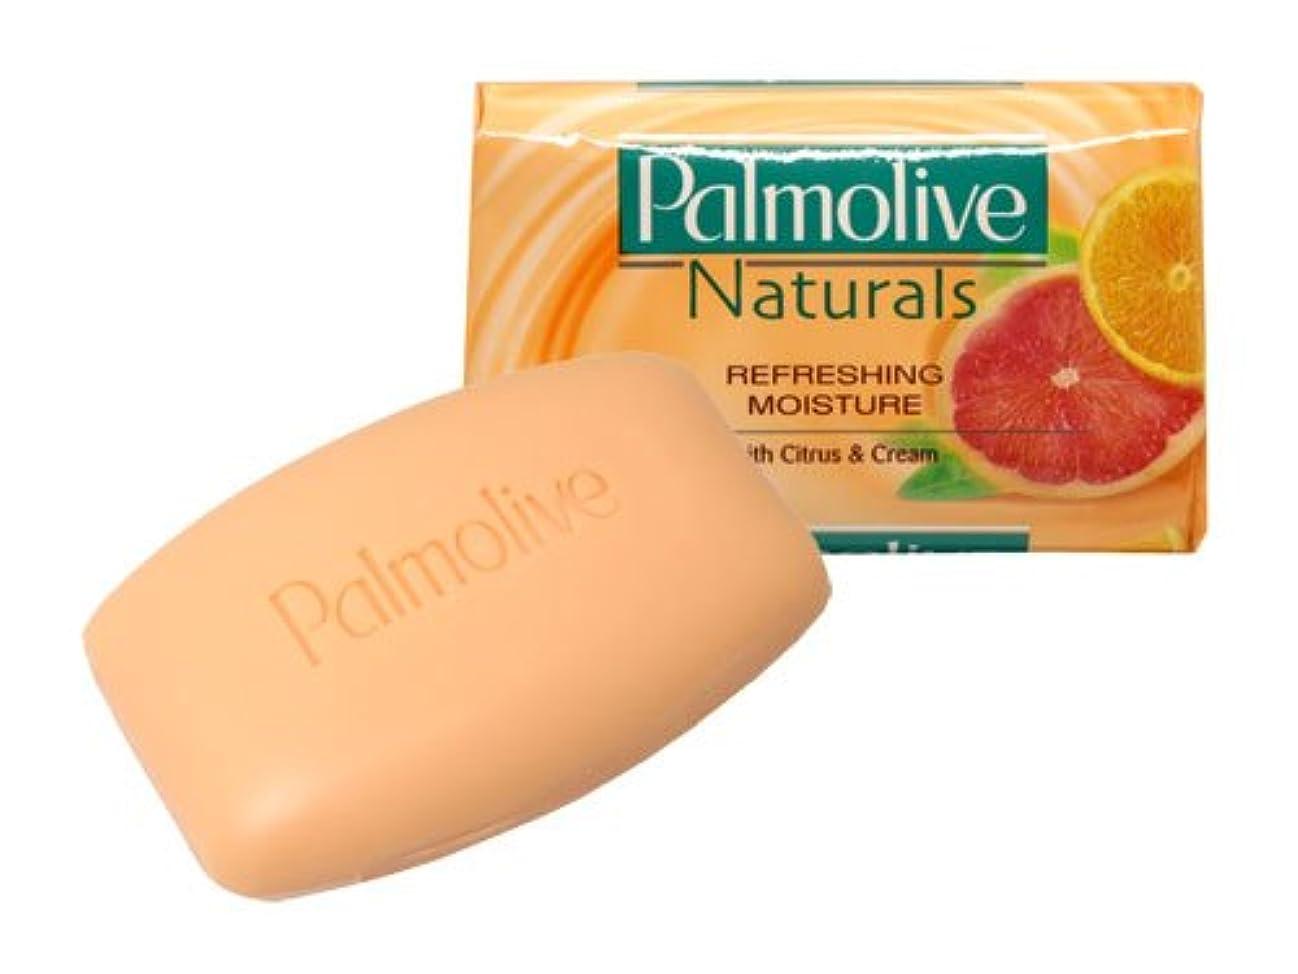 細分化する士気船員【Palmolive】パルモリーブ ナチュラルズ石鹸3個パック(シトラス&クリーム)